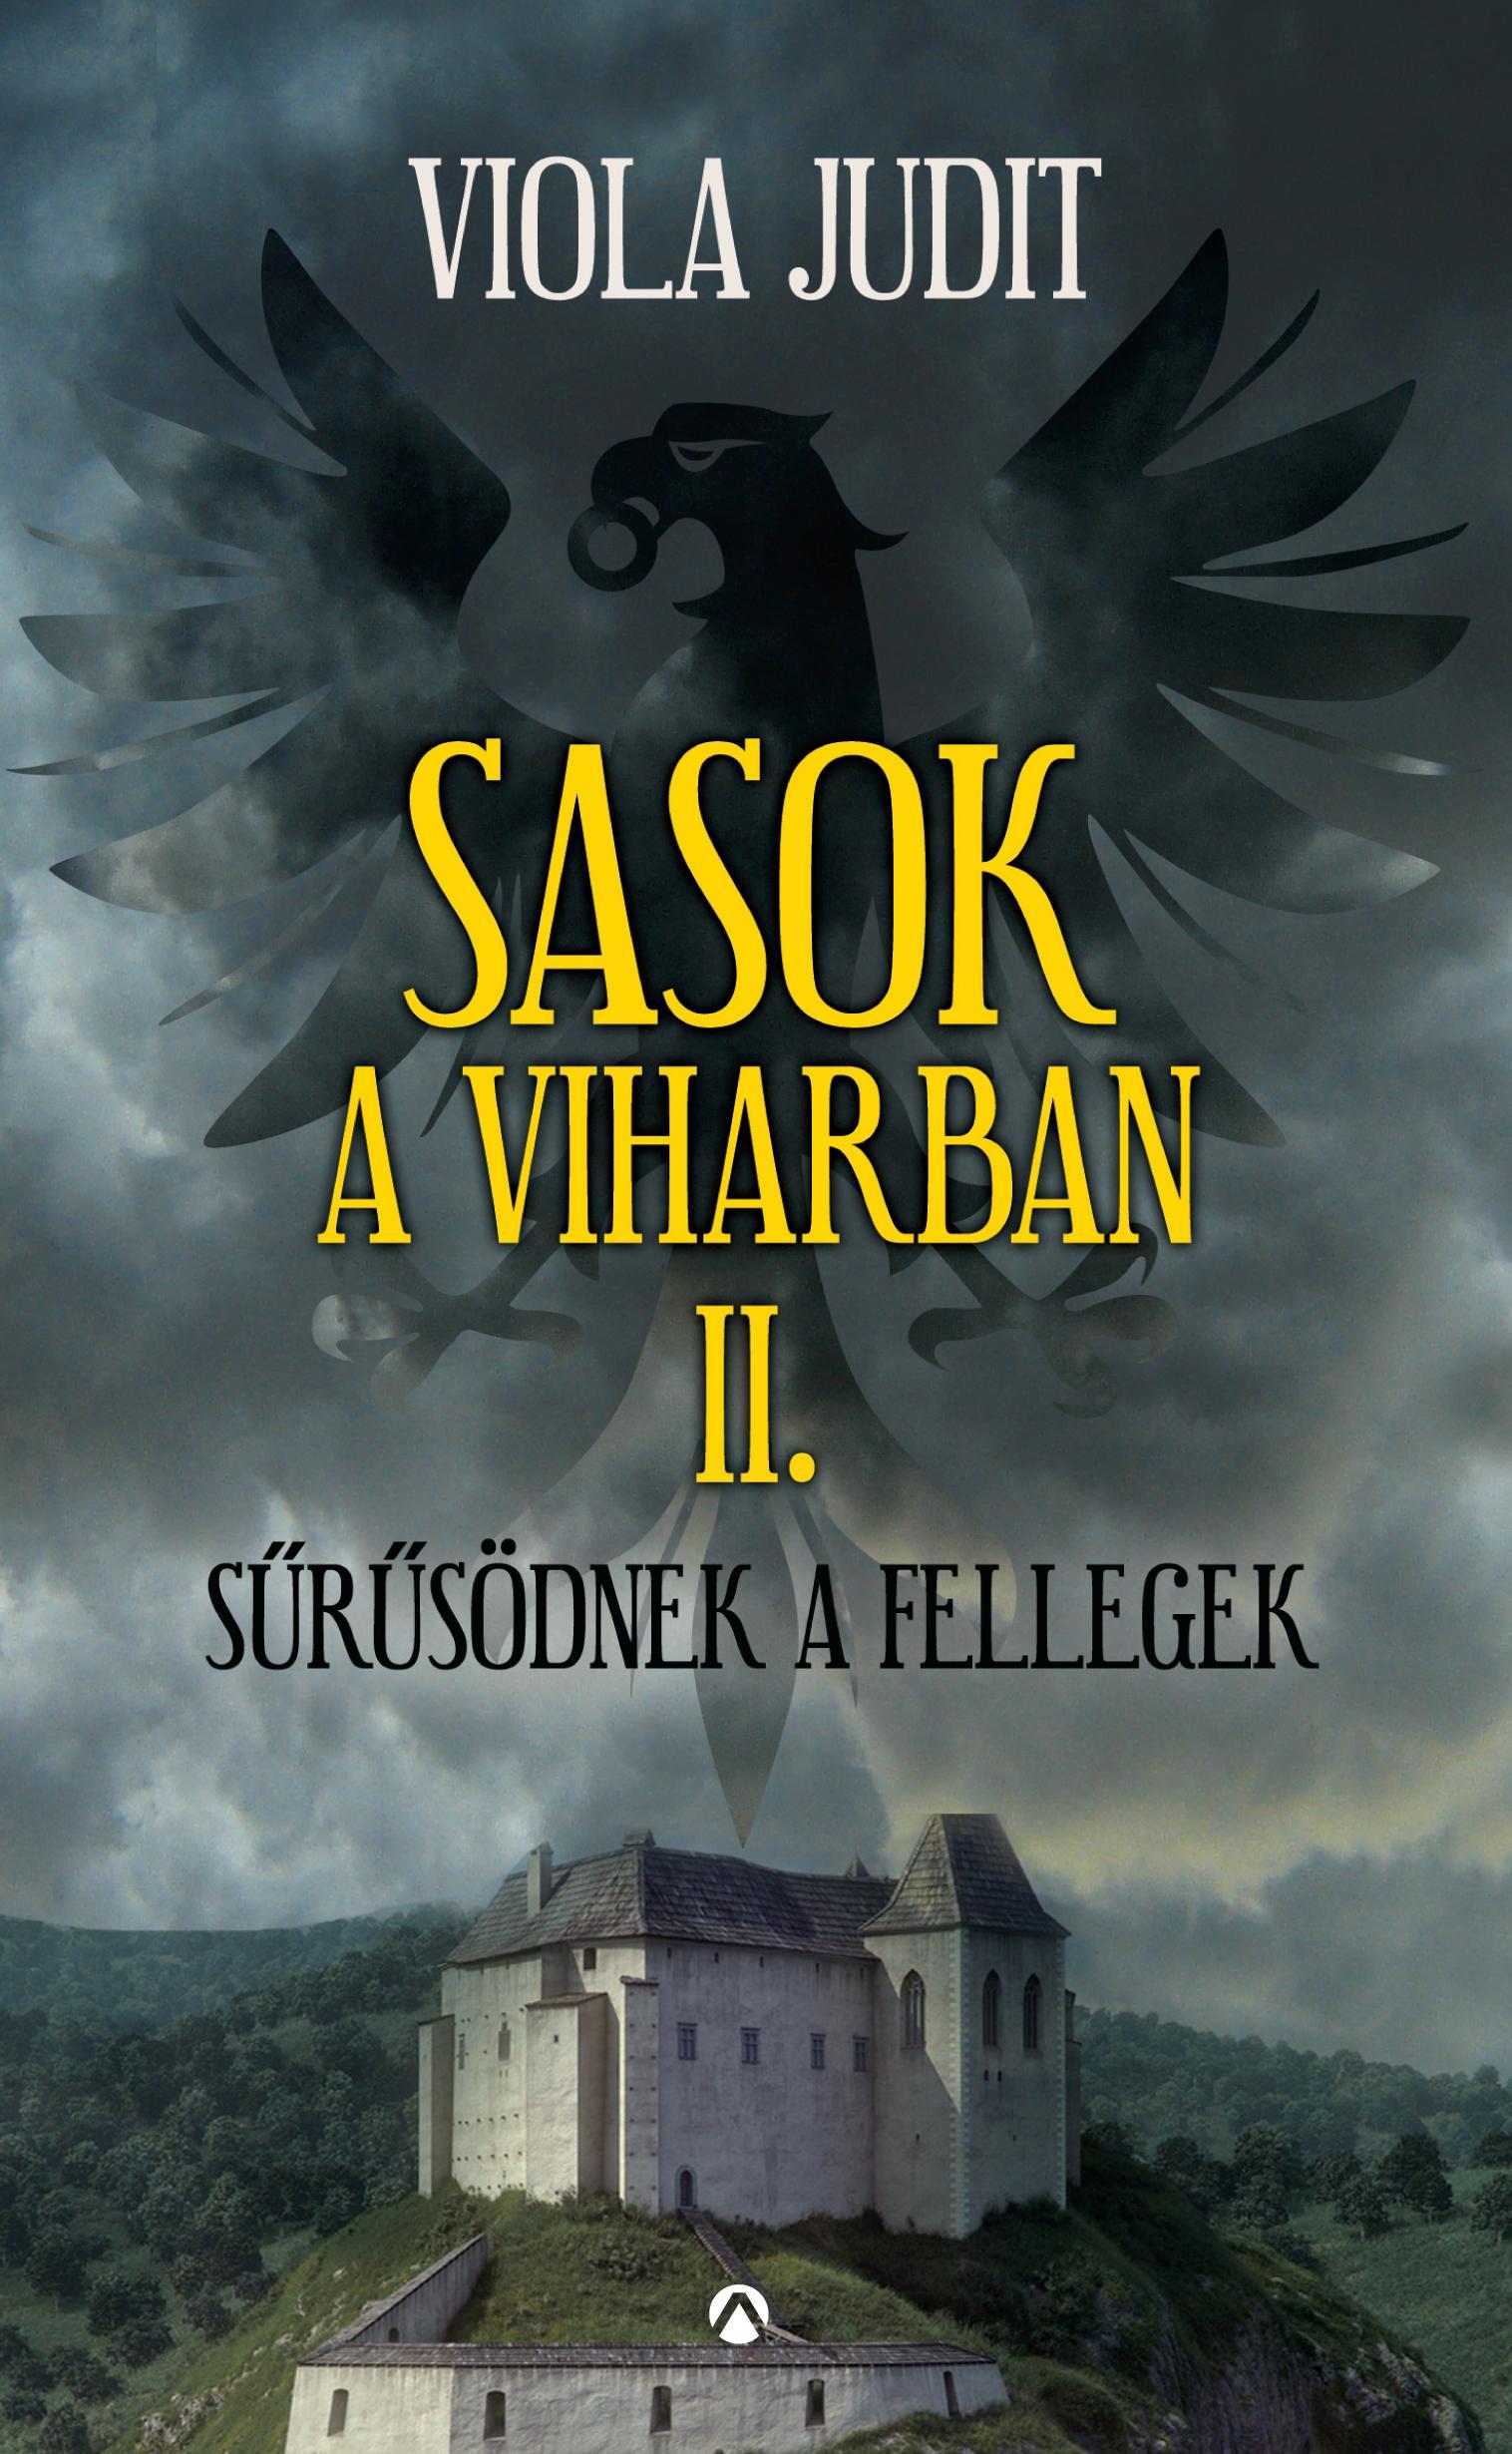 VIOLA JUDIT - SASOK A VIHARBAN II. - SŰRŰSÖDNEK A FELLEGEK